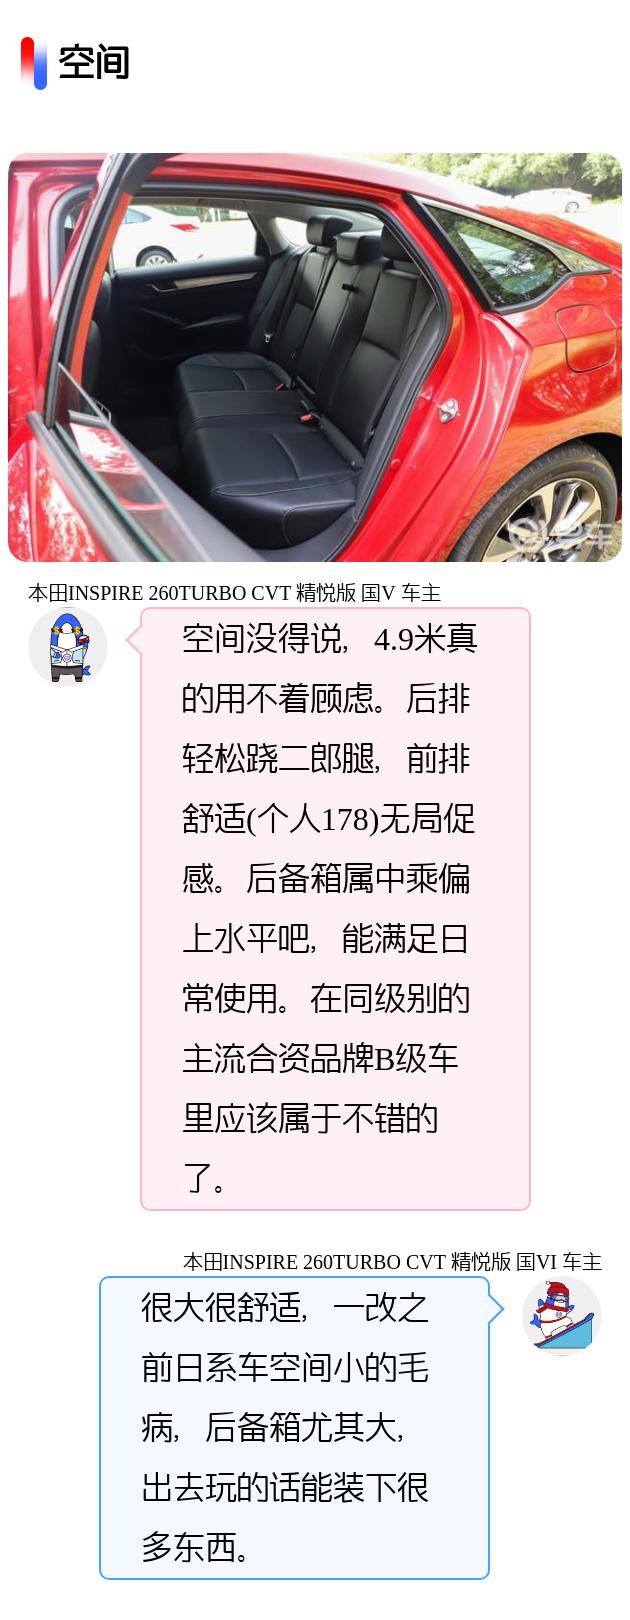 本田又一爆款车,这款车又降2.0万